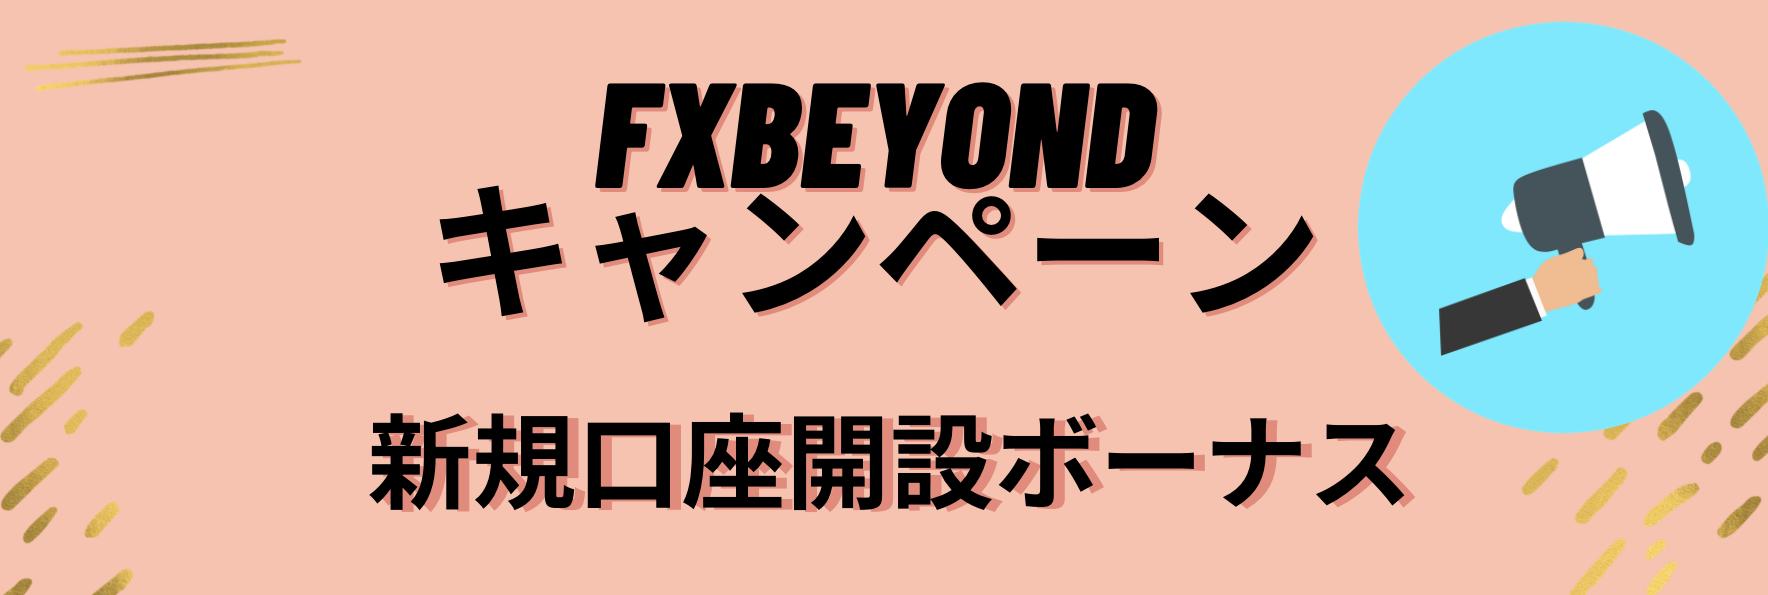 FXBeyond口座開設ボーナス